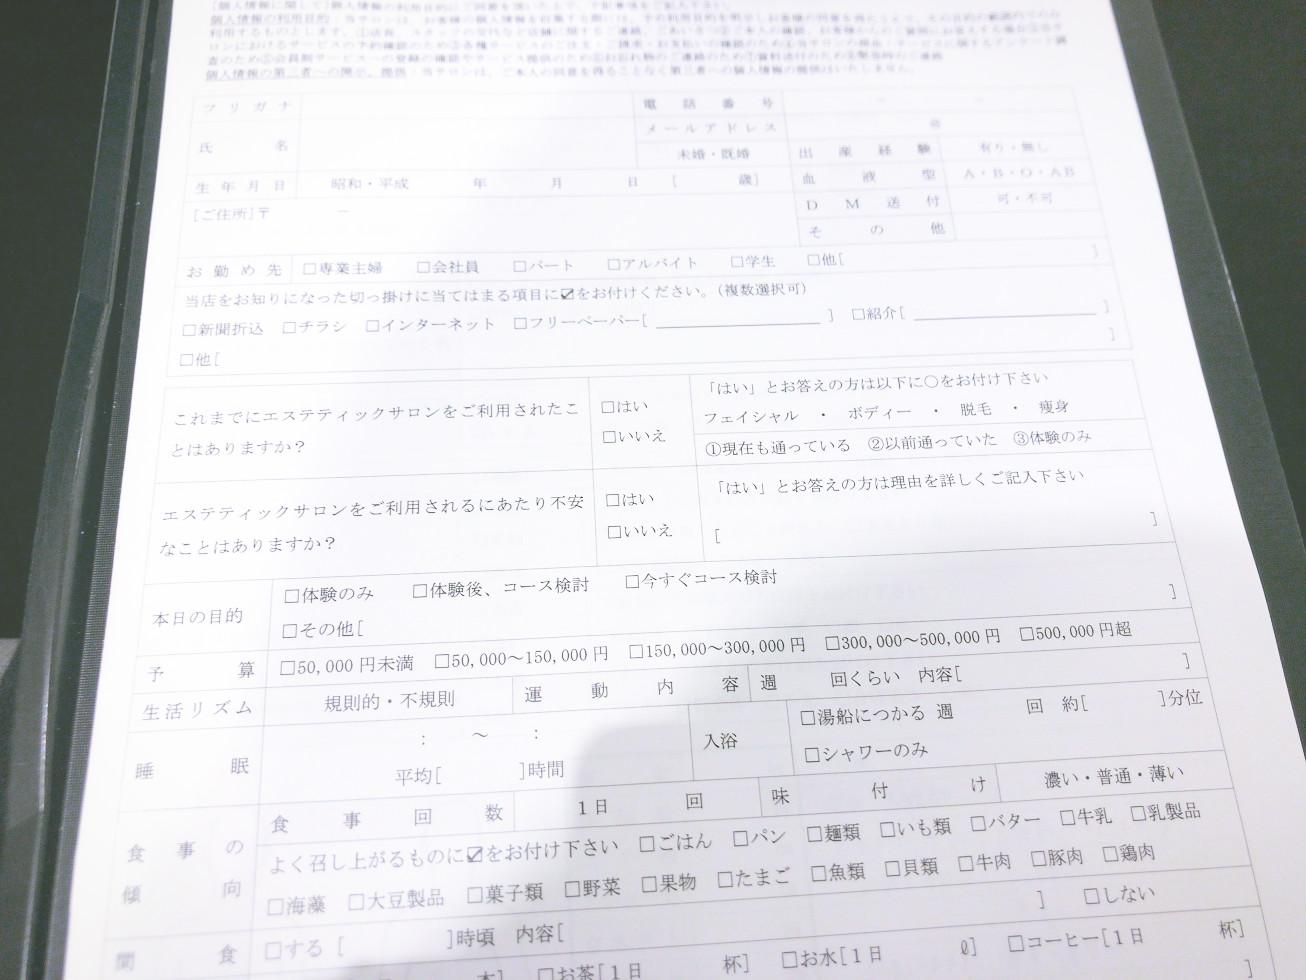 痩身エステFAVORIX(BLV)銀座店口コミレポ体験談